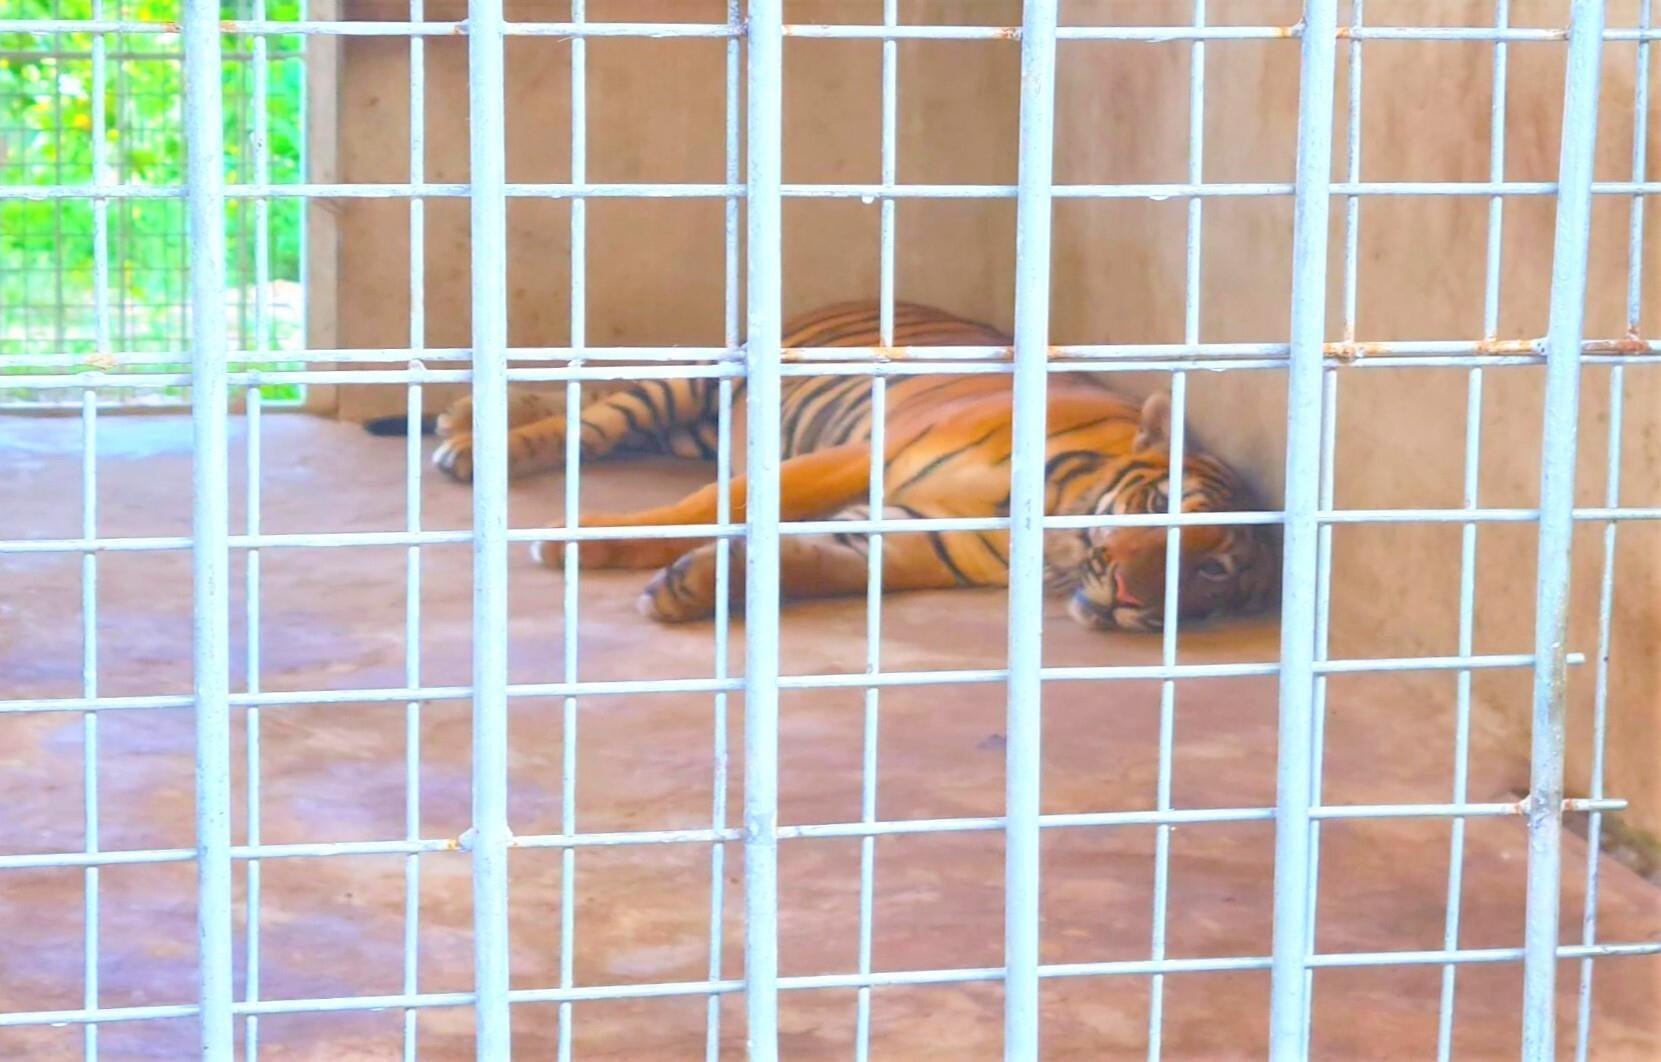 Nuôi nhốt hổ trái phép tại nhà dân ở Nghệ An: Thông tin mới về 9 con hổ còn sống - 1